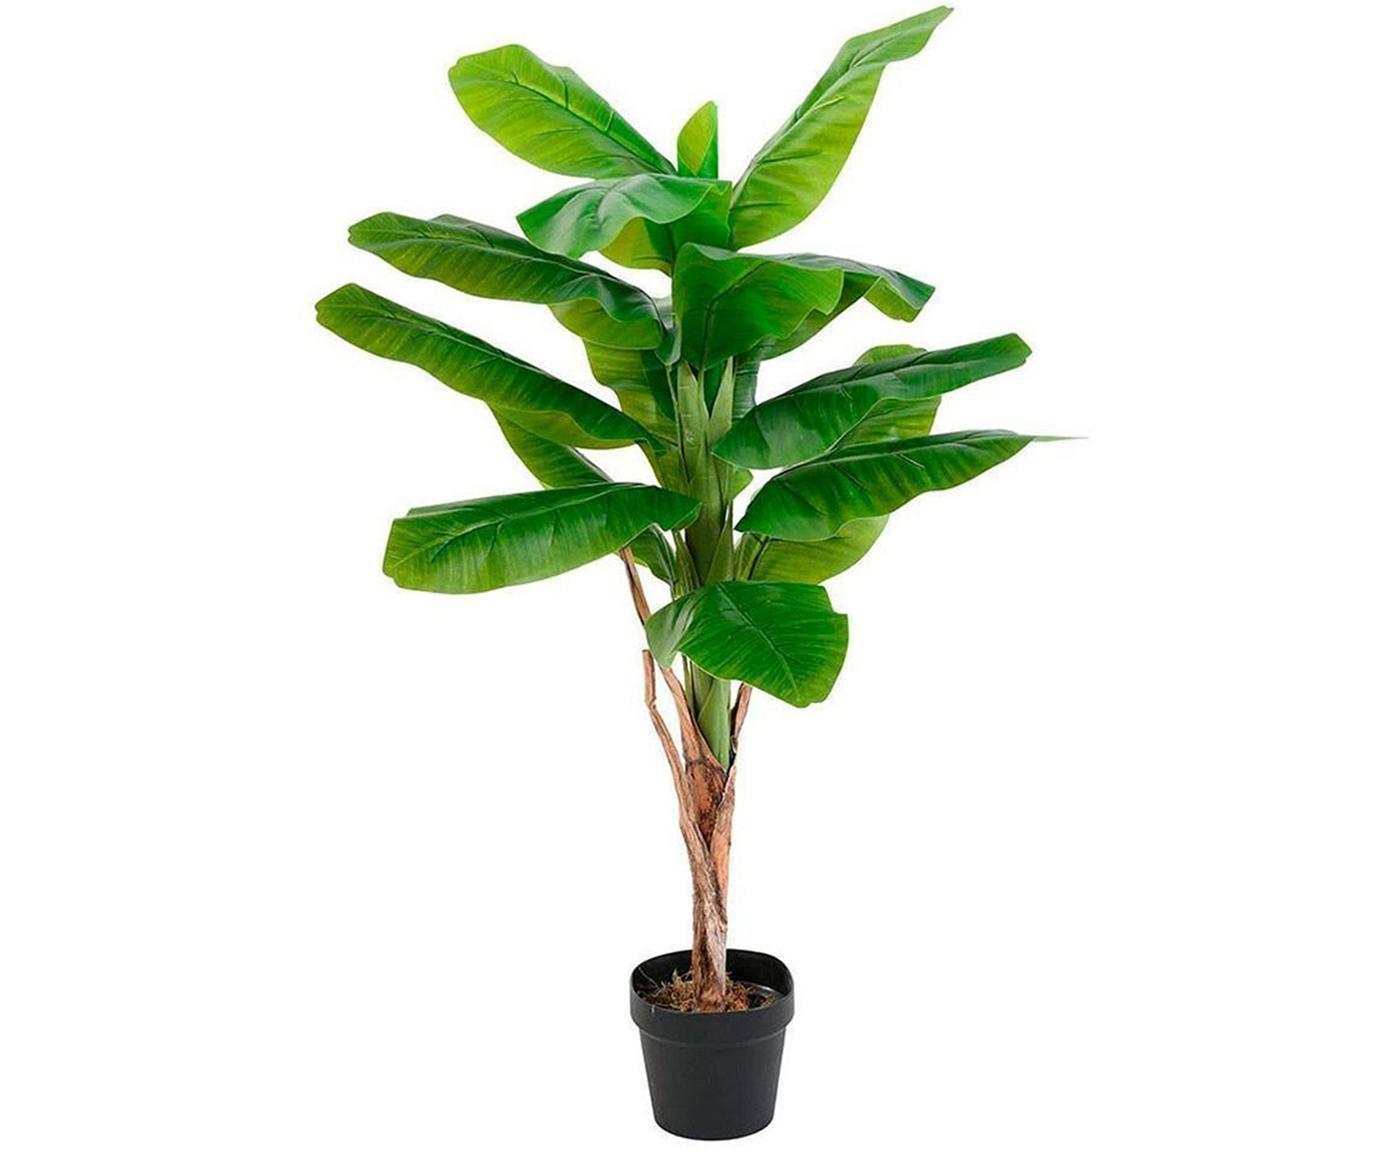 Planta artificial Bananier, Poliéster, látex, polipropileno, alambre de metal, Verde, Ø 60 x Al 120 cm